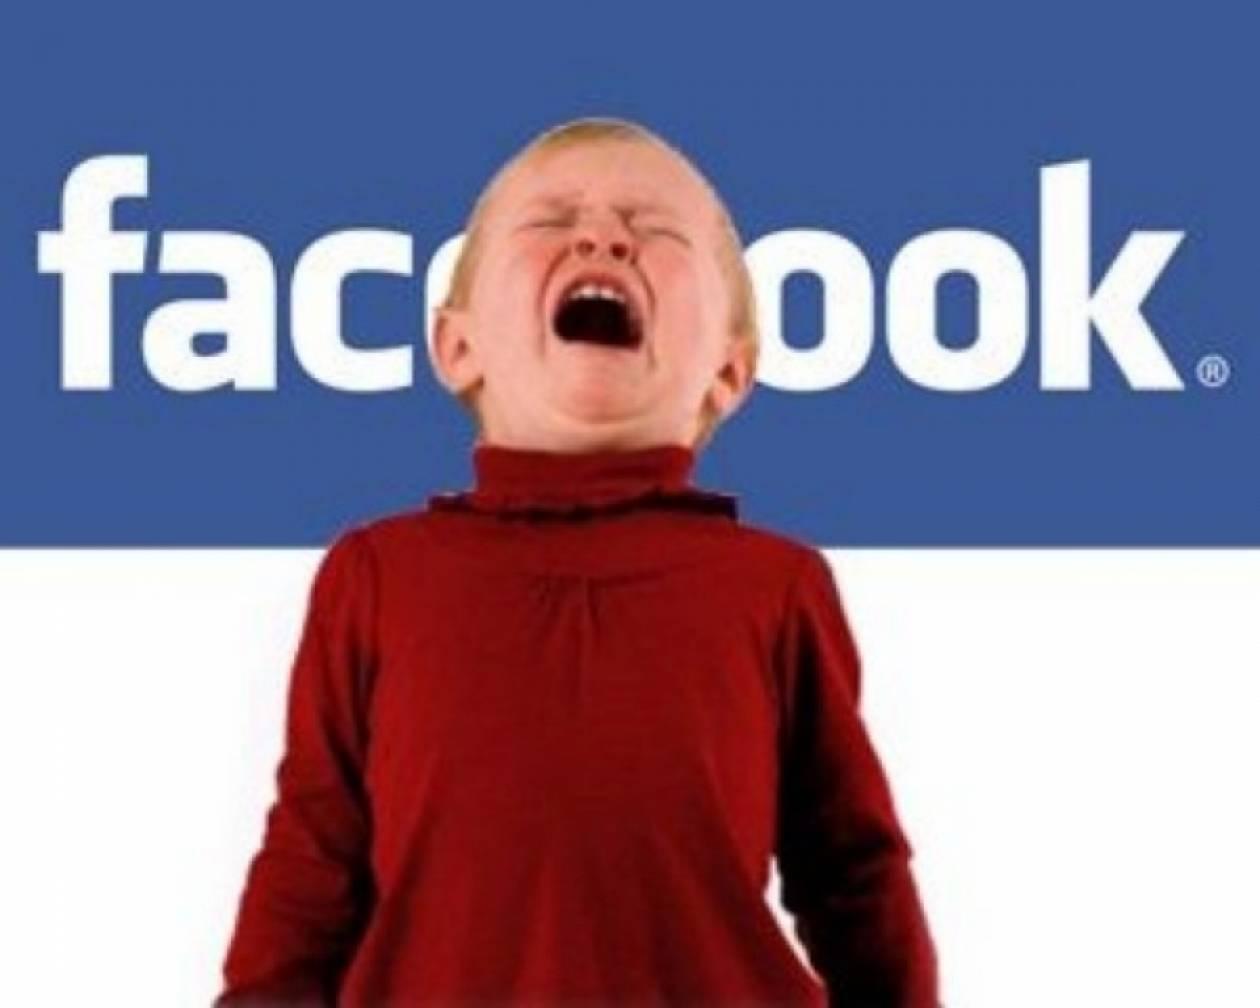 Το status του Facebook που θυμίζει ότι ζούσαμε χωρίς την τεχνολογία